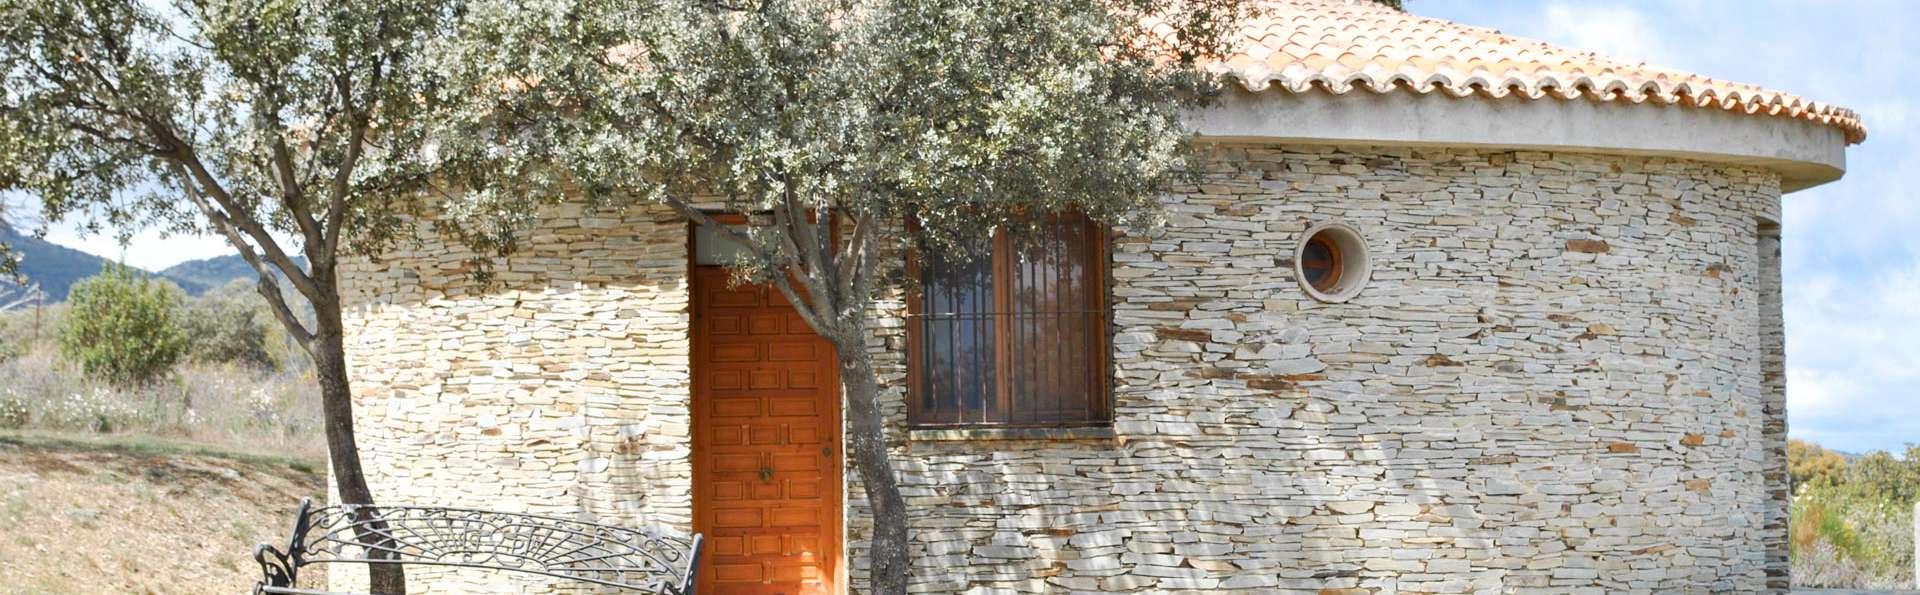 Chozos Rurales de Carrascalejo - EDIT_EXTERIOR_03.jpg